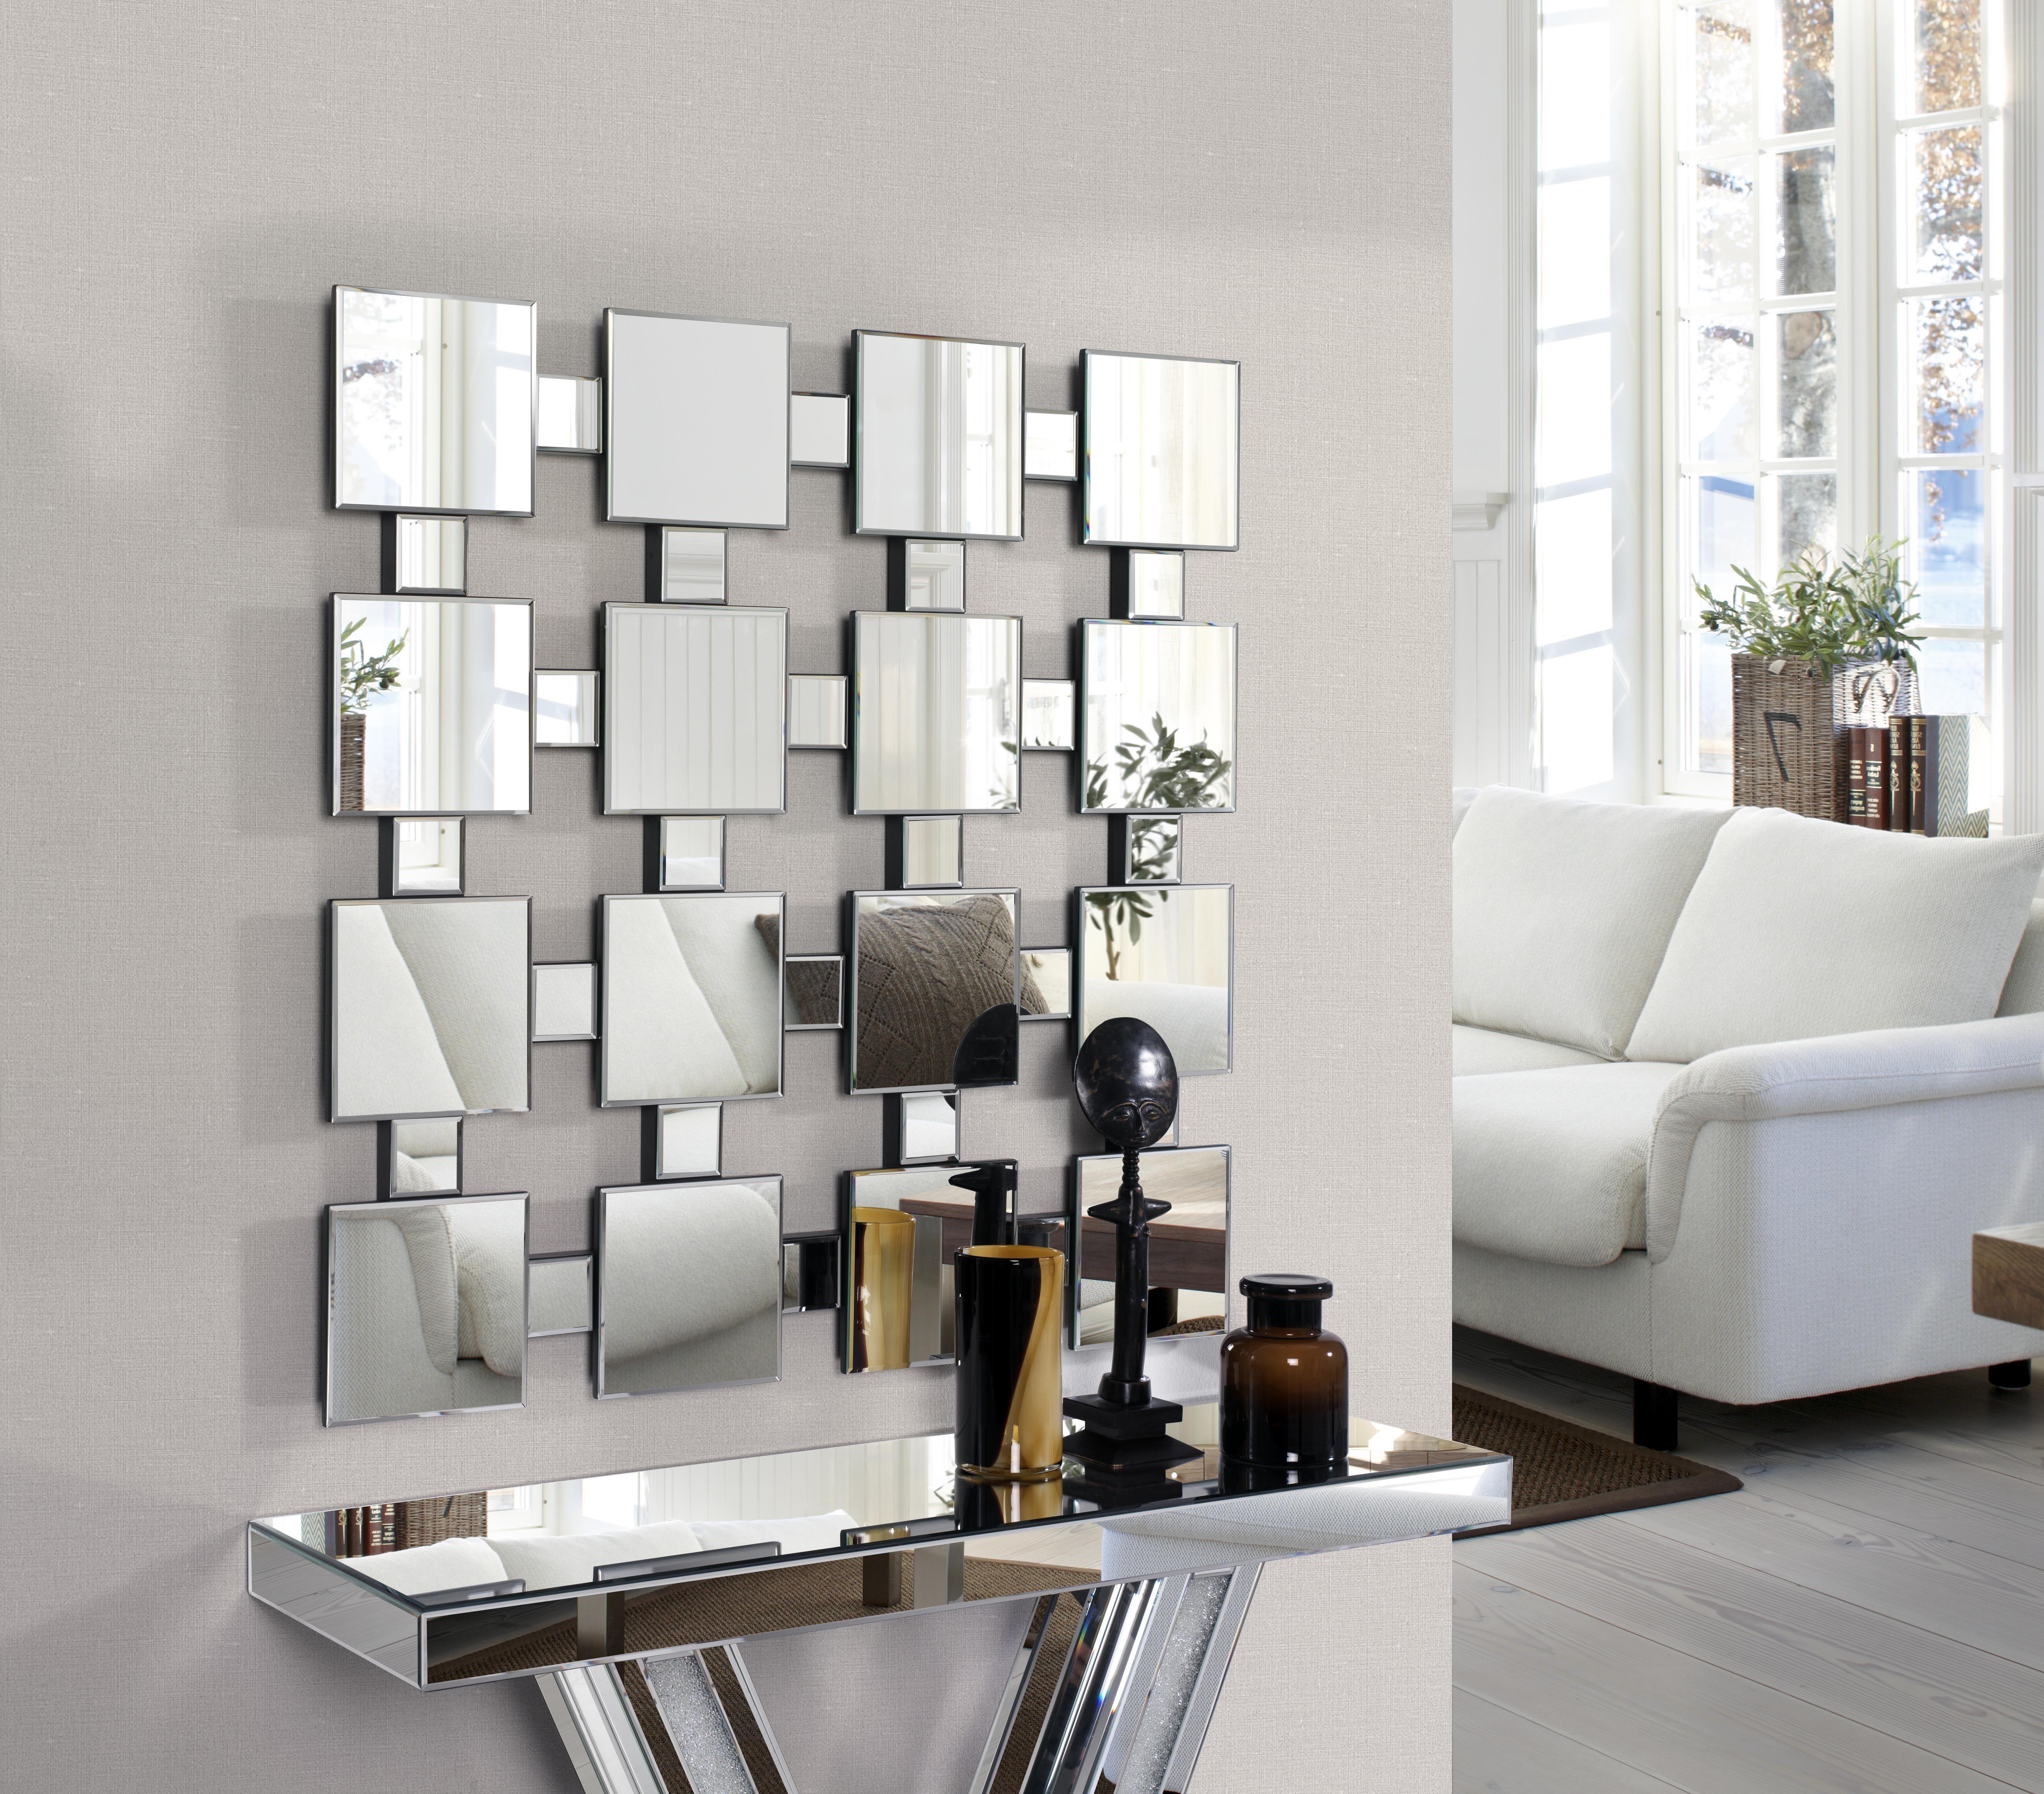 Ofertas espejos de dise o rebajados for Oferta espejos pared